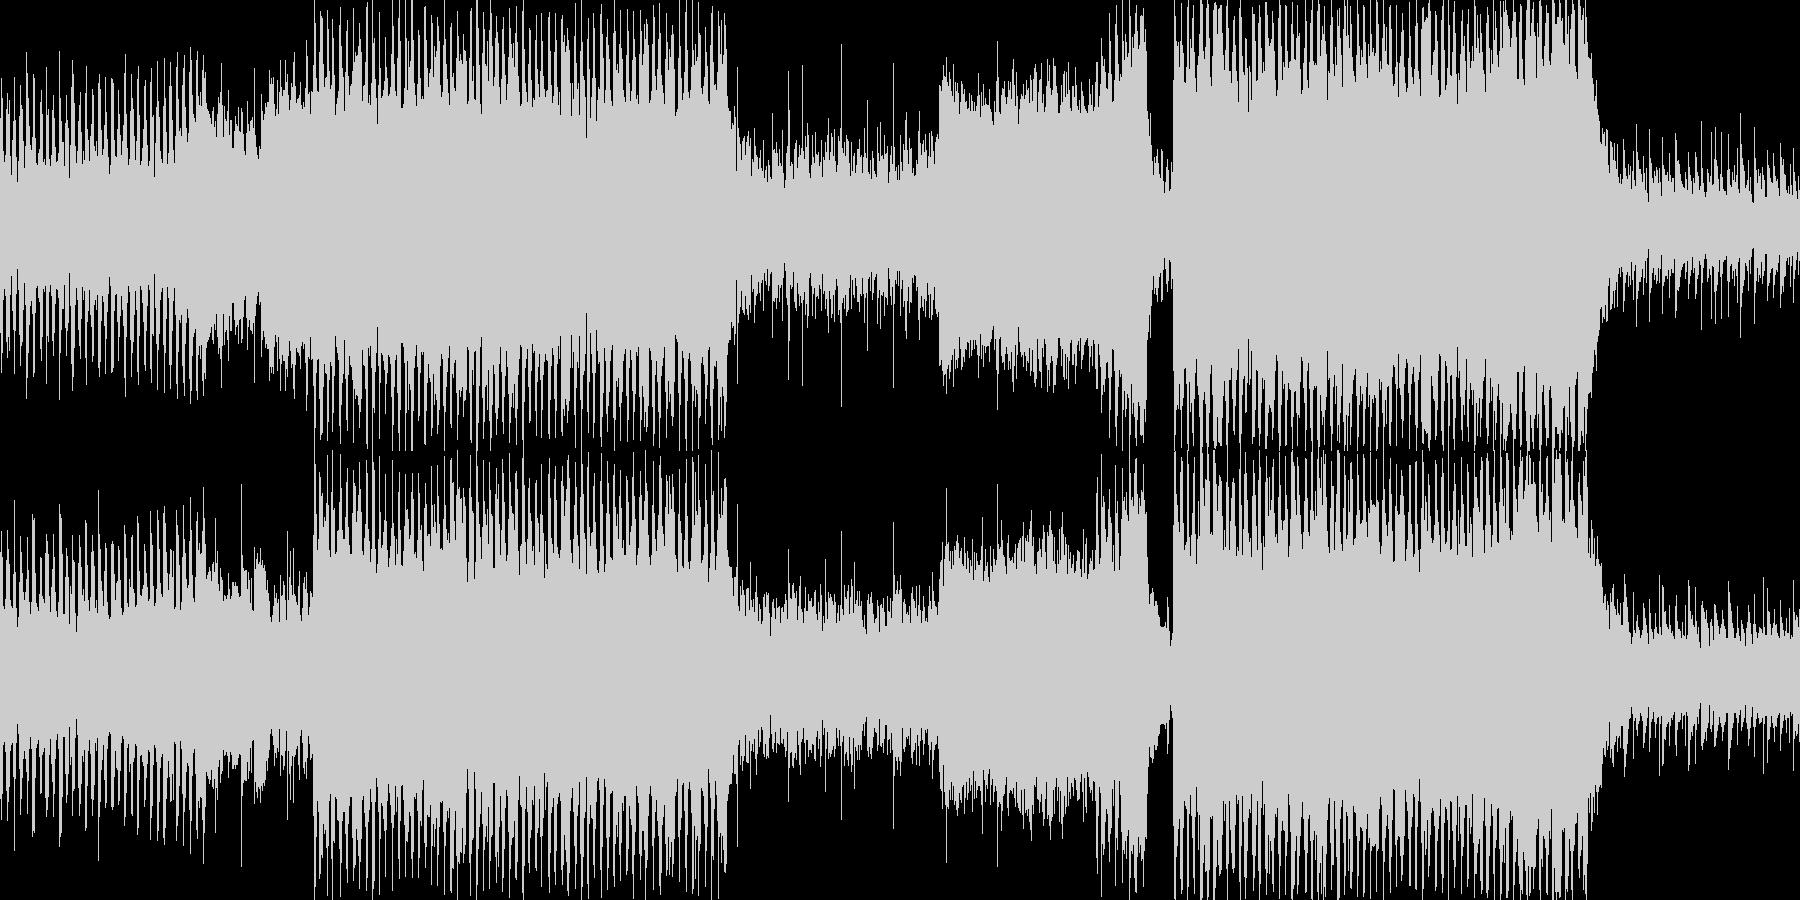 結婚行進曲のBGM向けポップアレンジですの未再生の波形